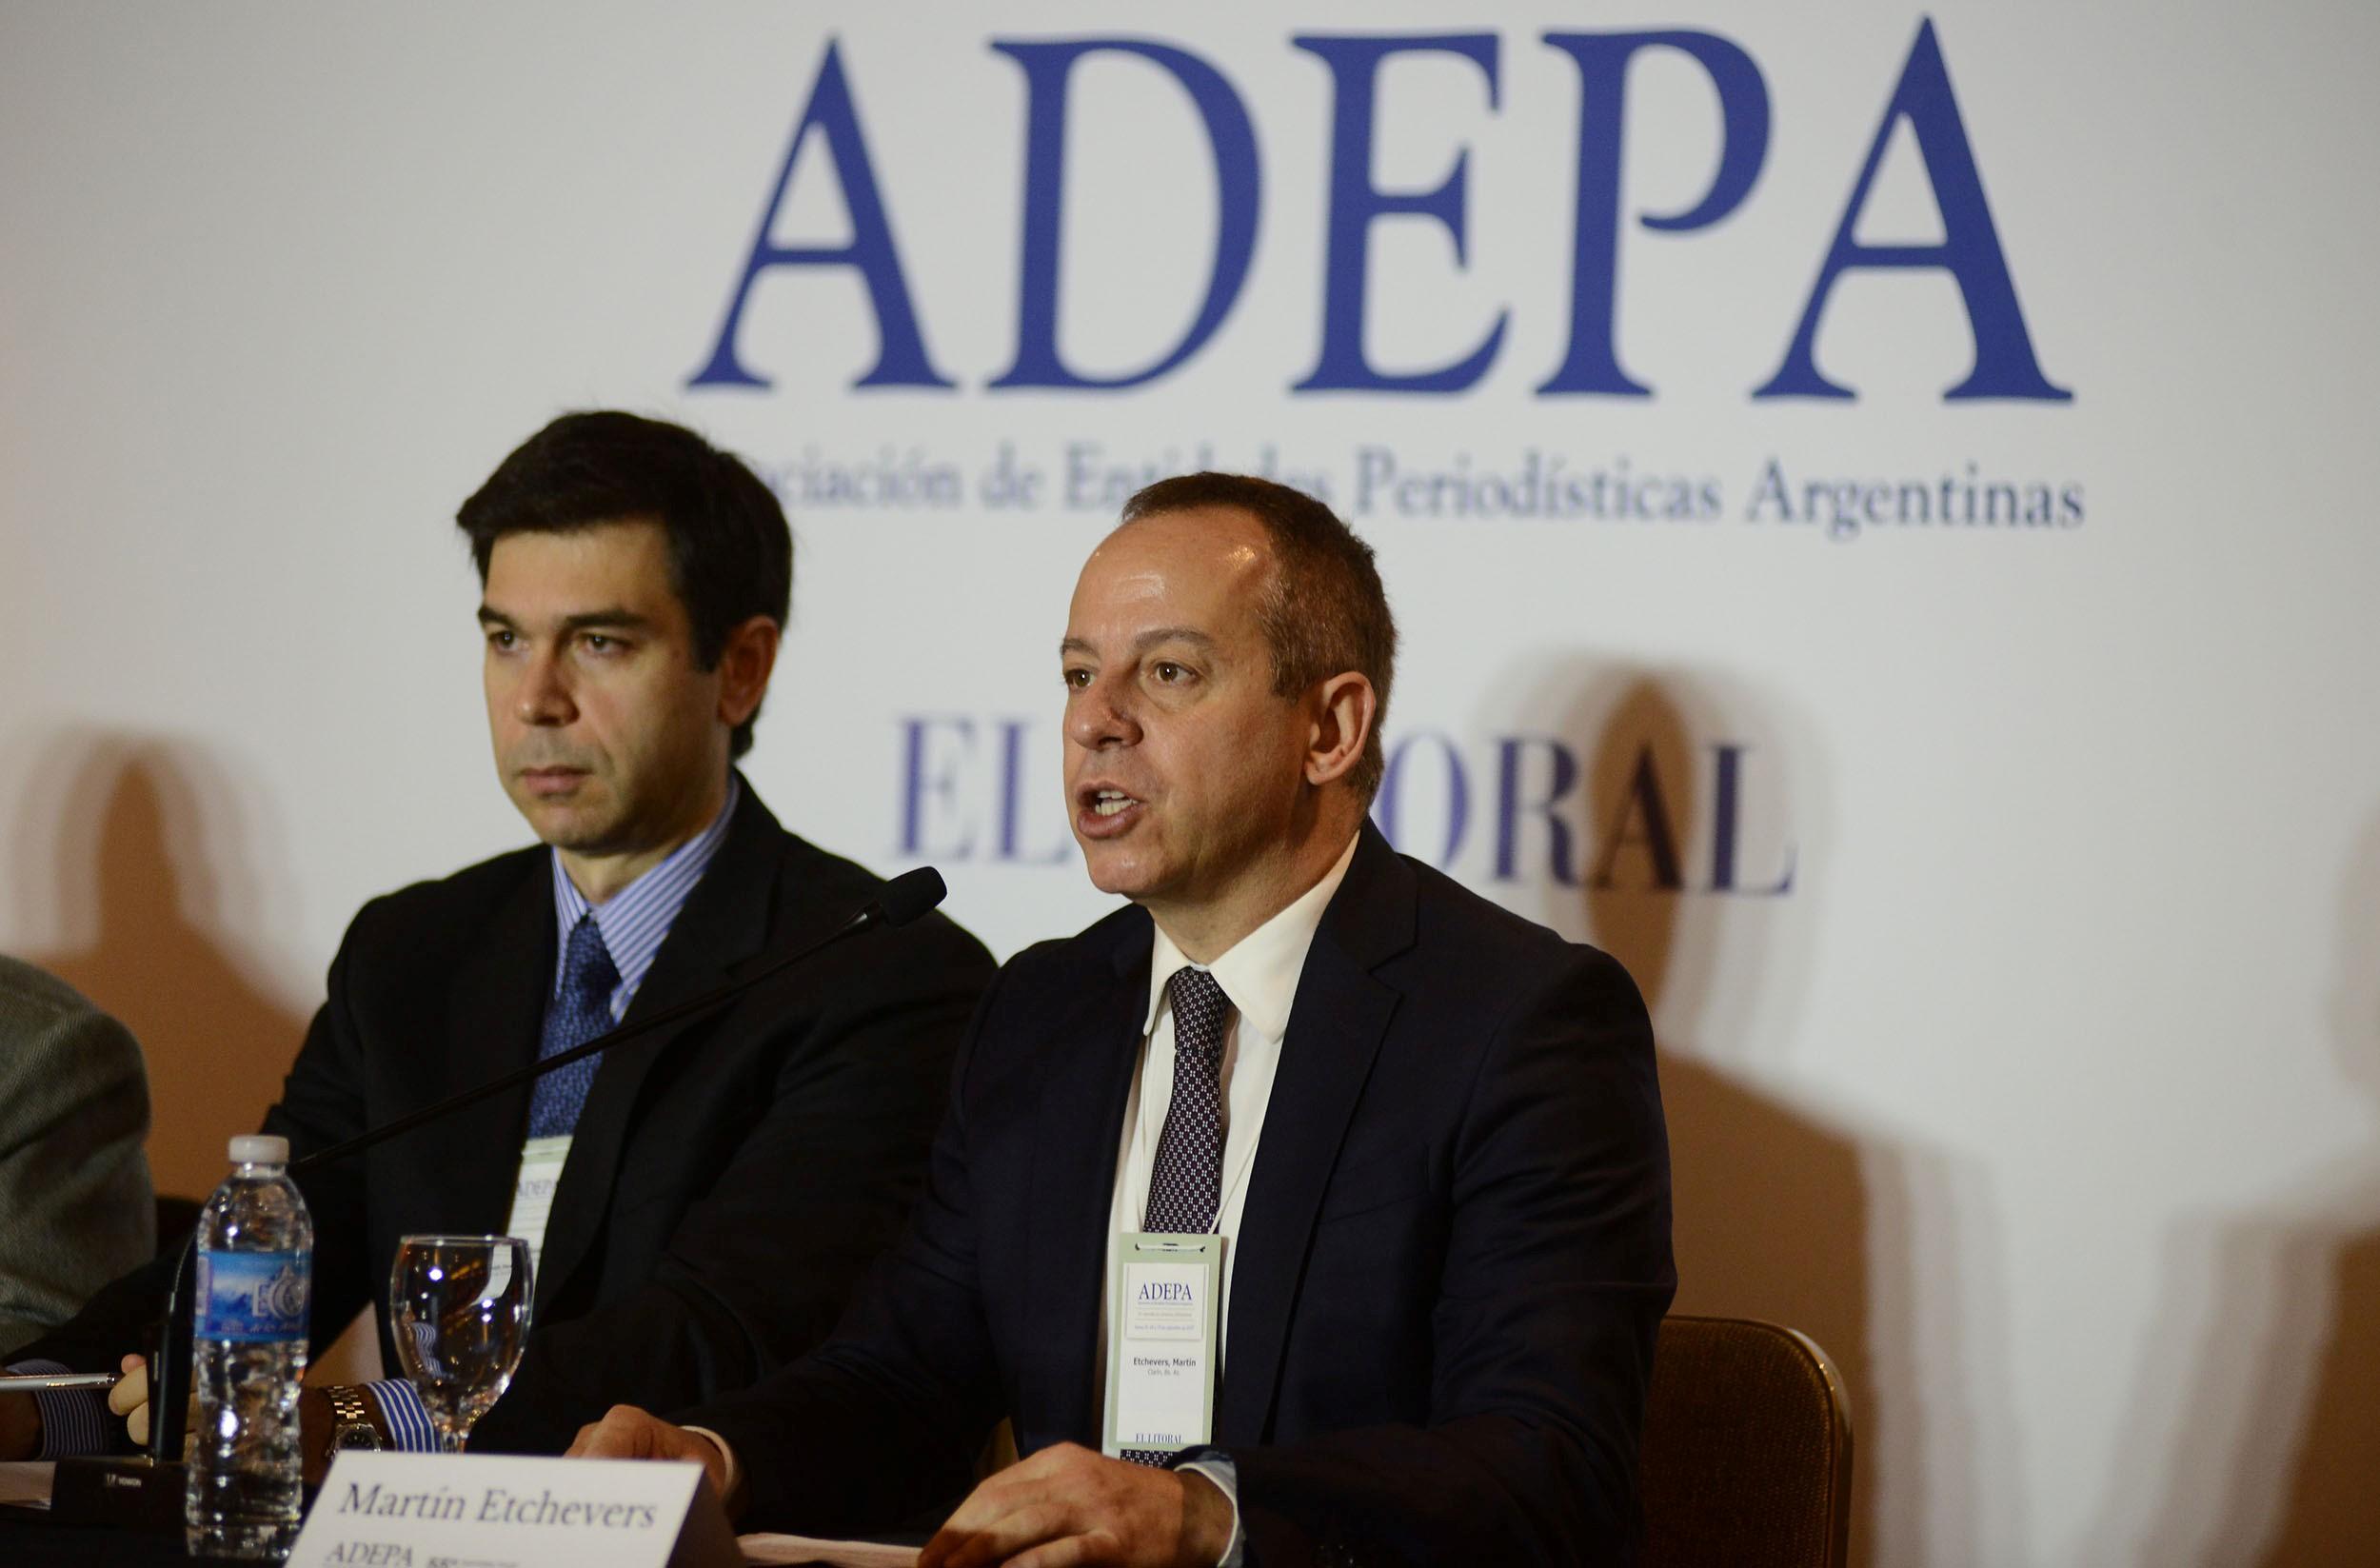 Daniel Dessein: El periodismo no puede estar sujeto a una auditoría estatal